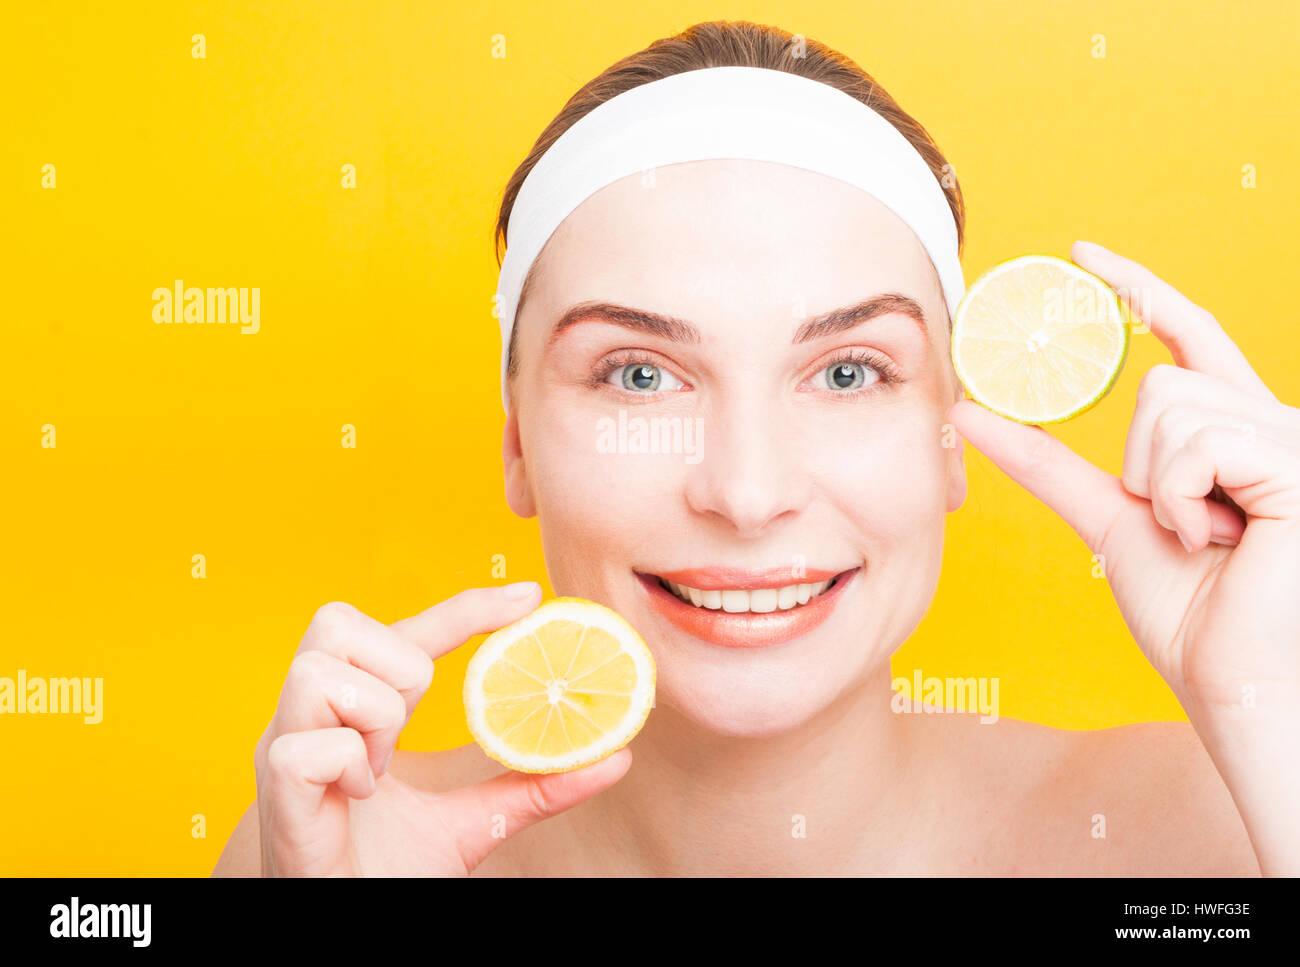 Soins de la peau et beauté concept avec femme joyeuse montrant des tranches de citron et citron vert sur fond Photo Stock